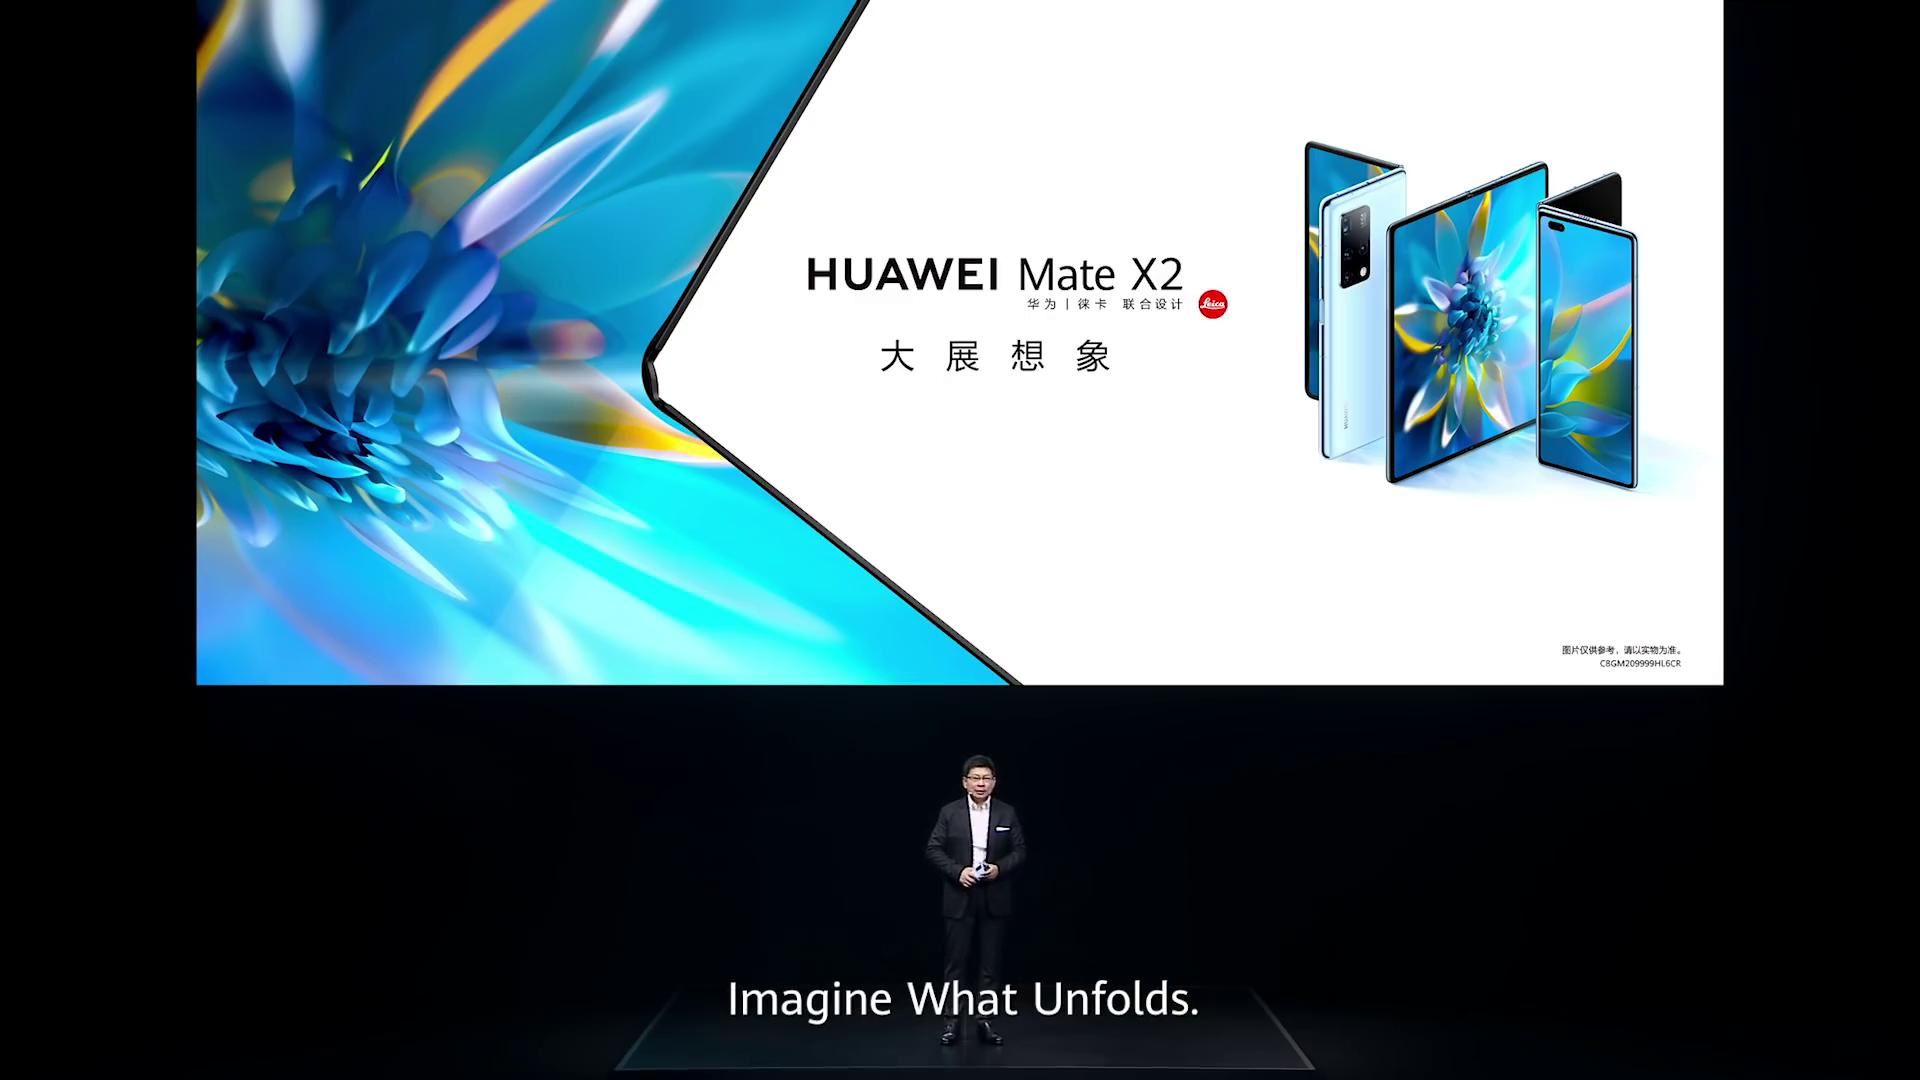 Huawei nói smartphone của mình tốt hơn Z Fold2, iPhone 12 Pro Max, Pro Display XDR, Volvo XC90... như thế nào? - Ảnh 1.